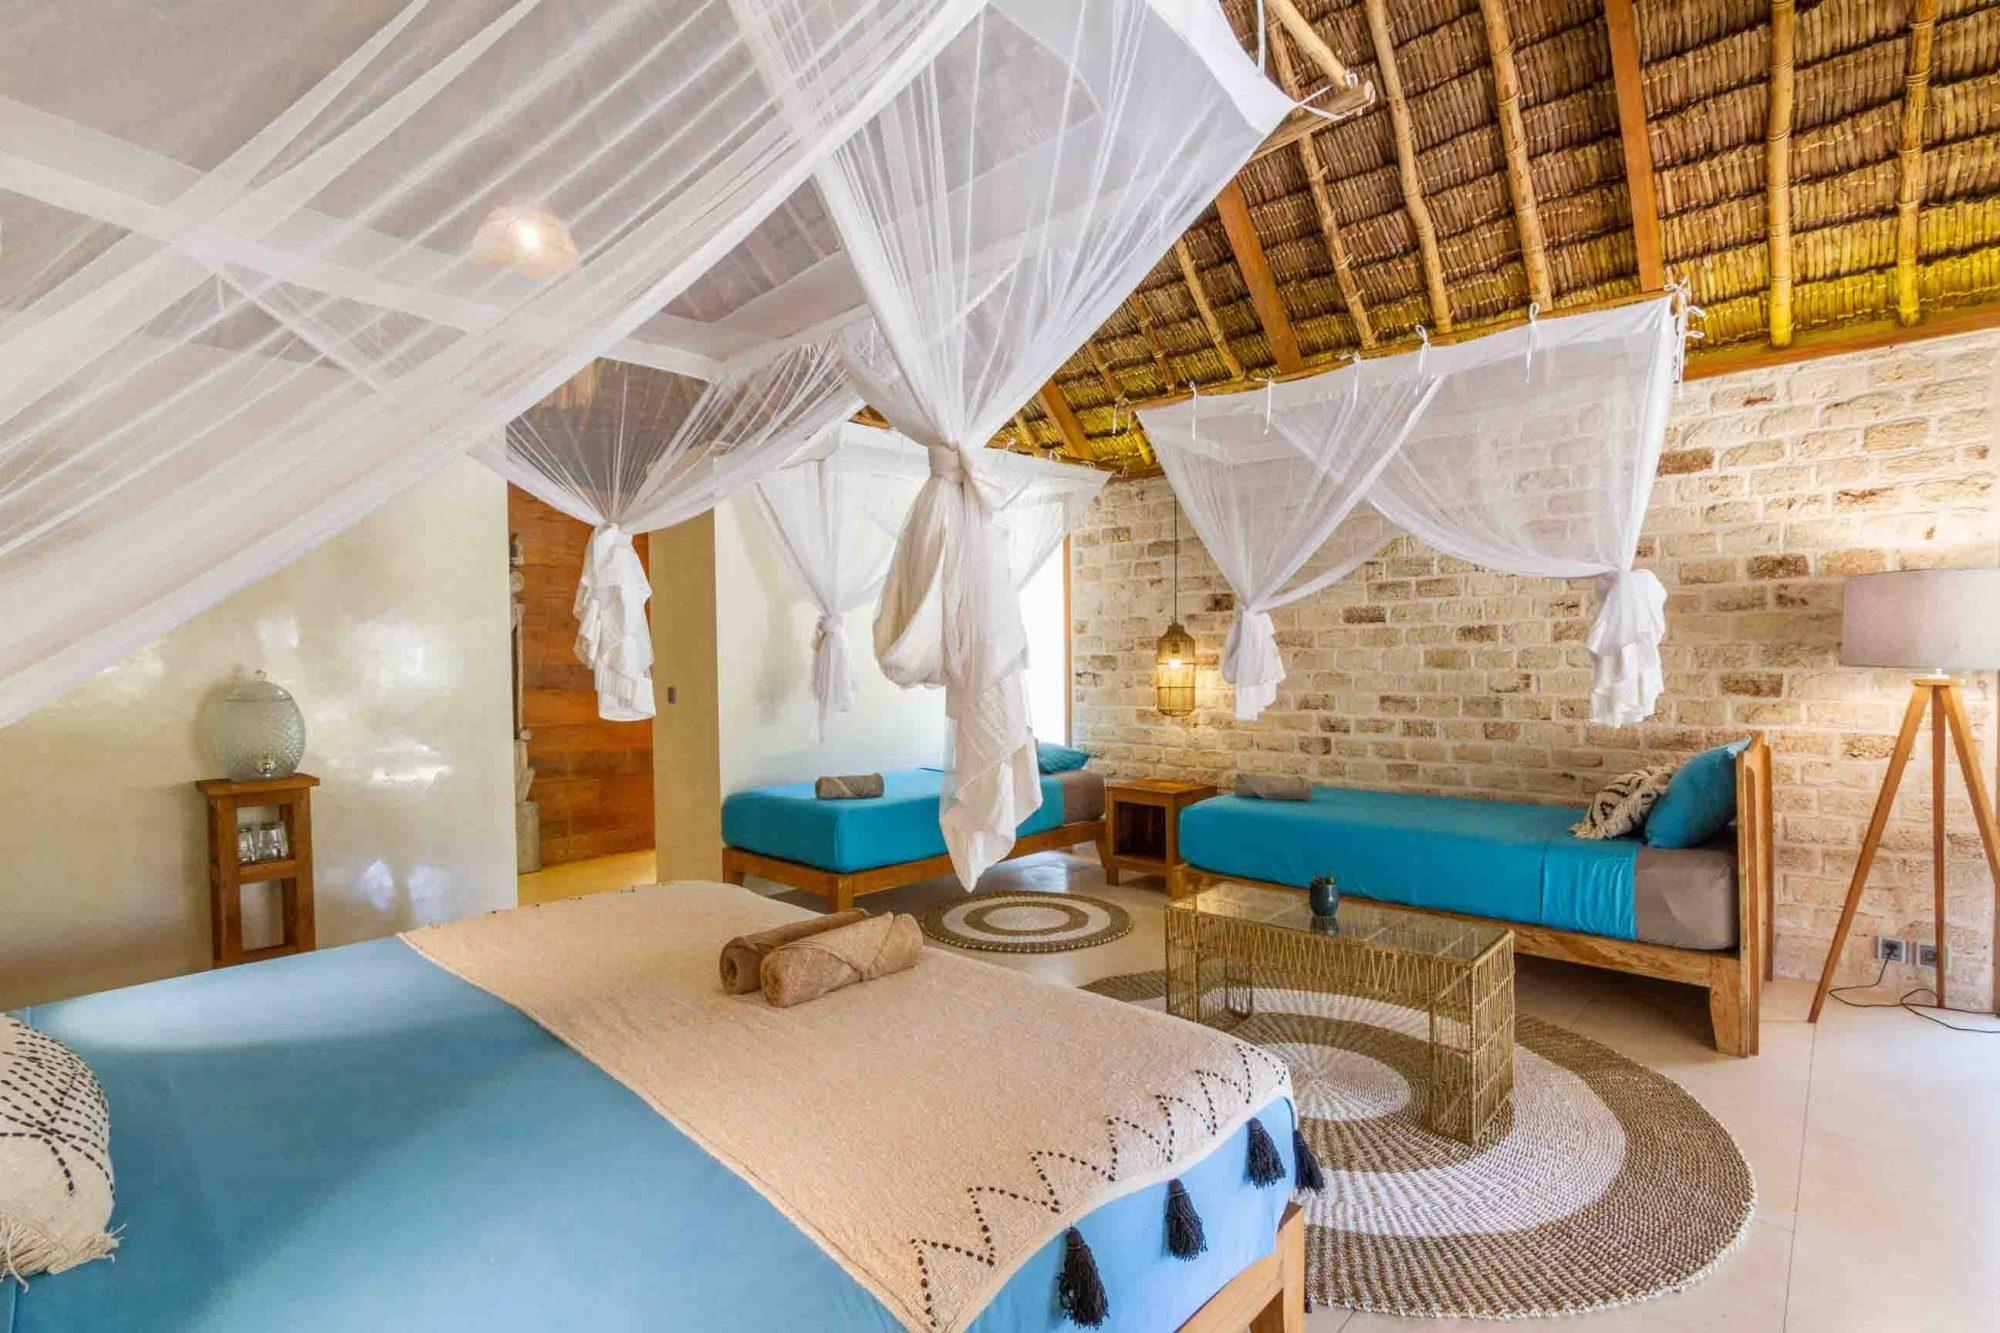 Luxury yoga accommodation